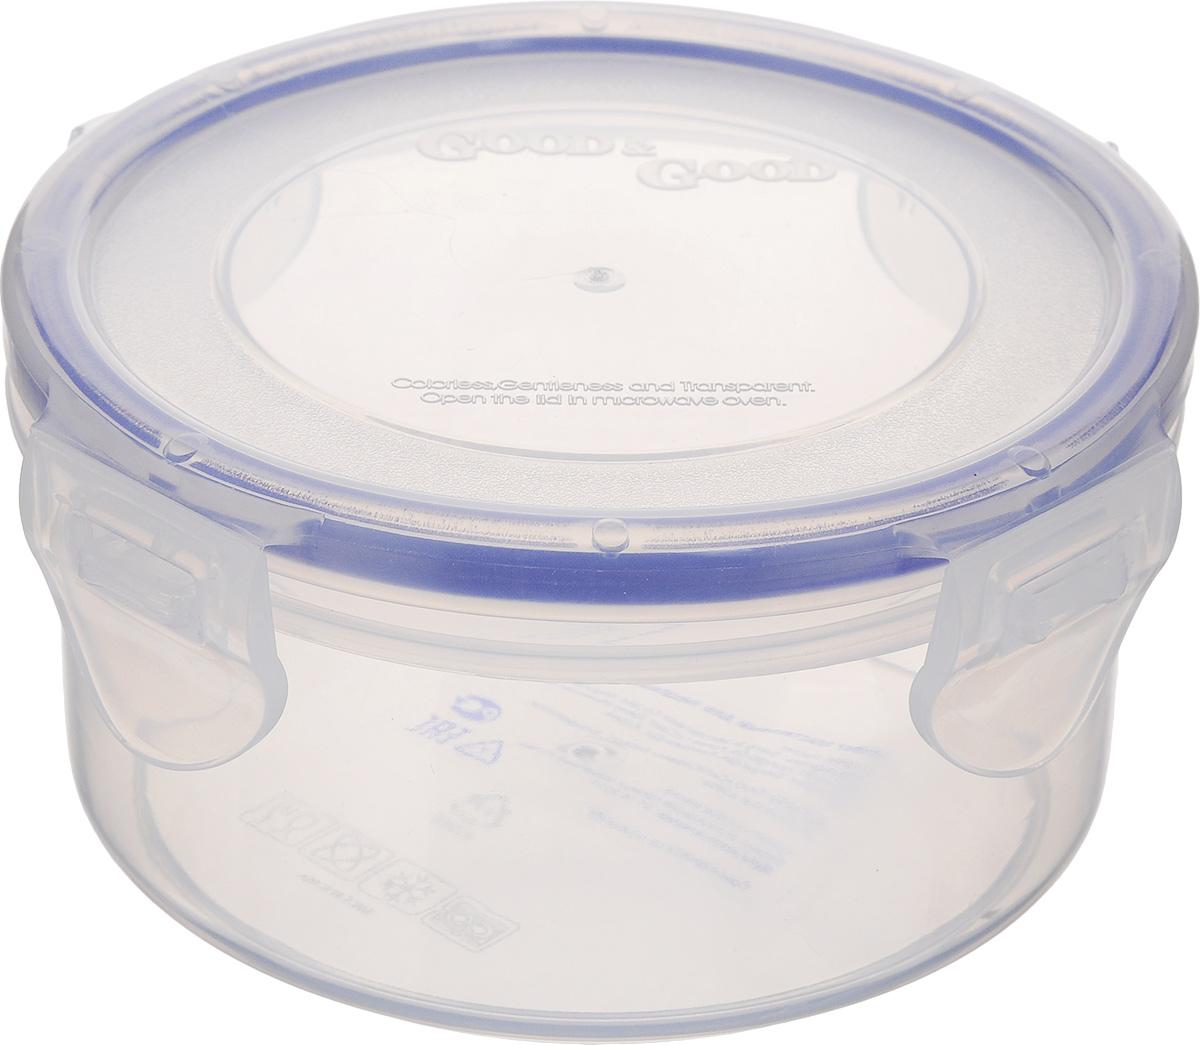 Контейнер Good&Good, цвет: прозрачный, синий, 350 млR2-1Контейнер Good&Good изготовлен из высококачественного полипропилена ипредназначен для хранения любых пищевых продуктов. Благодаря особым технологиямизготовления, лотки в течение времени службы не меняют цвет и не пропитываютсязапахами. Крышка с силиконовой вставкой герметичнозащелкивается специальным механизмом.Контейнер Good&Good удобен для ежедневного использования в быту. Можно мыть в посудомоечной машине и использовать в СВЧ. Диаметр контейнера: 11 см. Высота контейнера: 6 см.